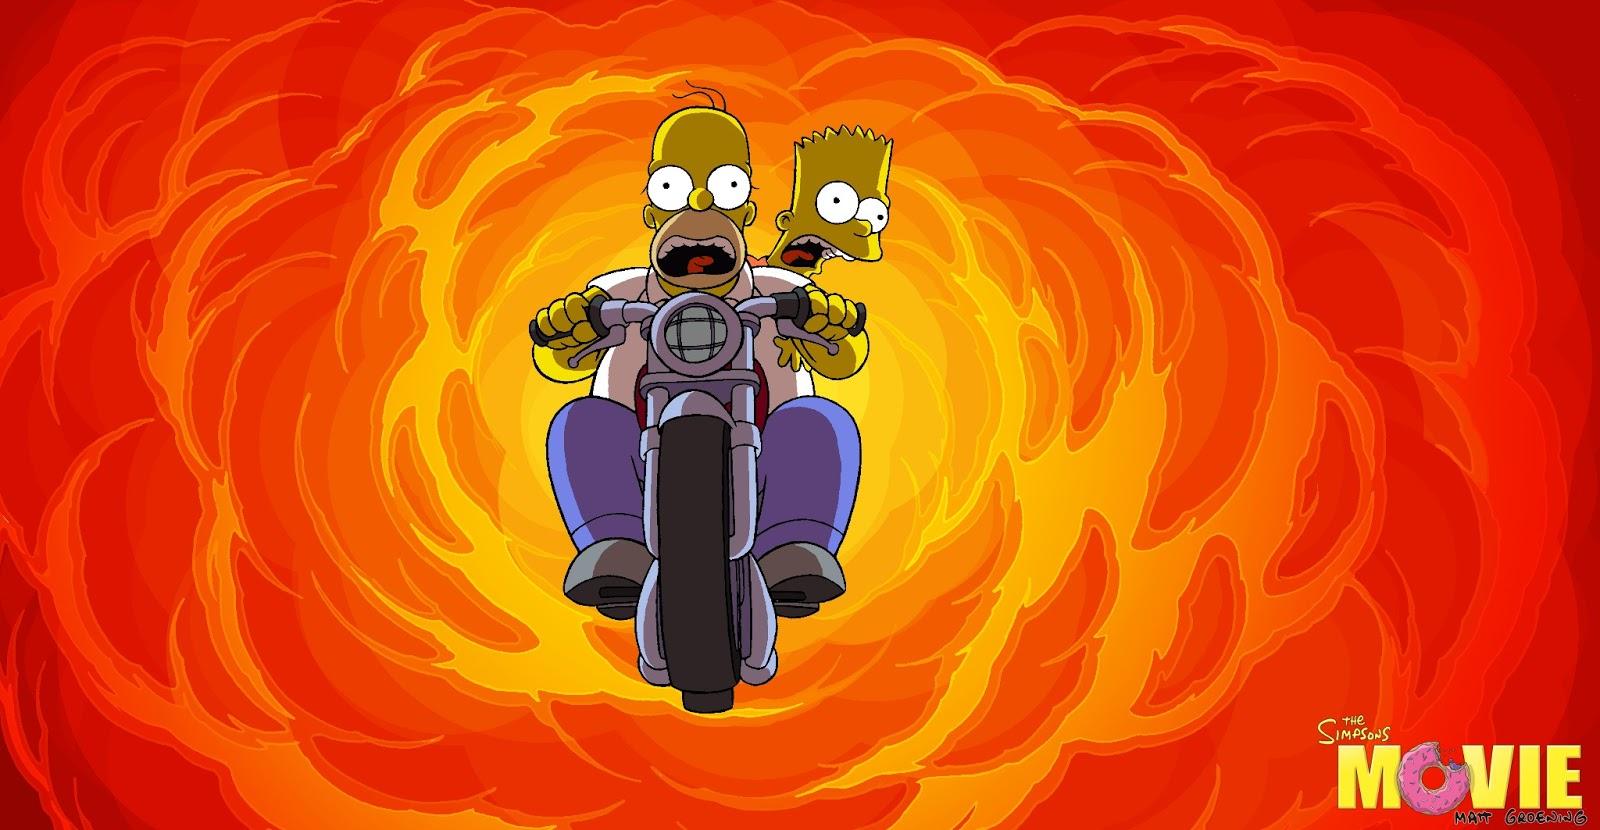 Imagenes Para Colorear: Imágenes Para Colorear De Los Simpson